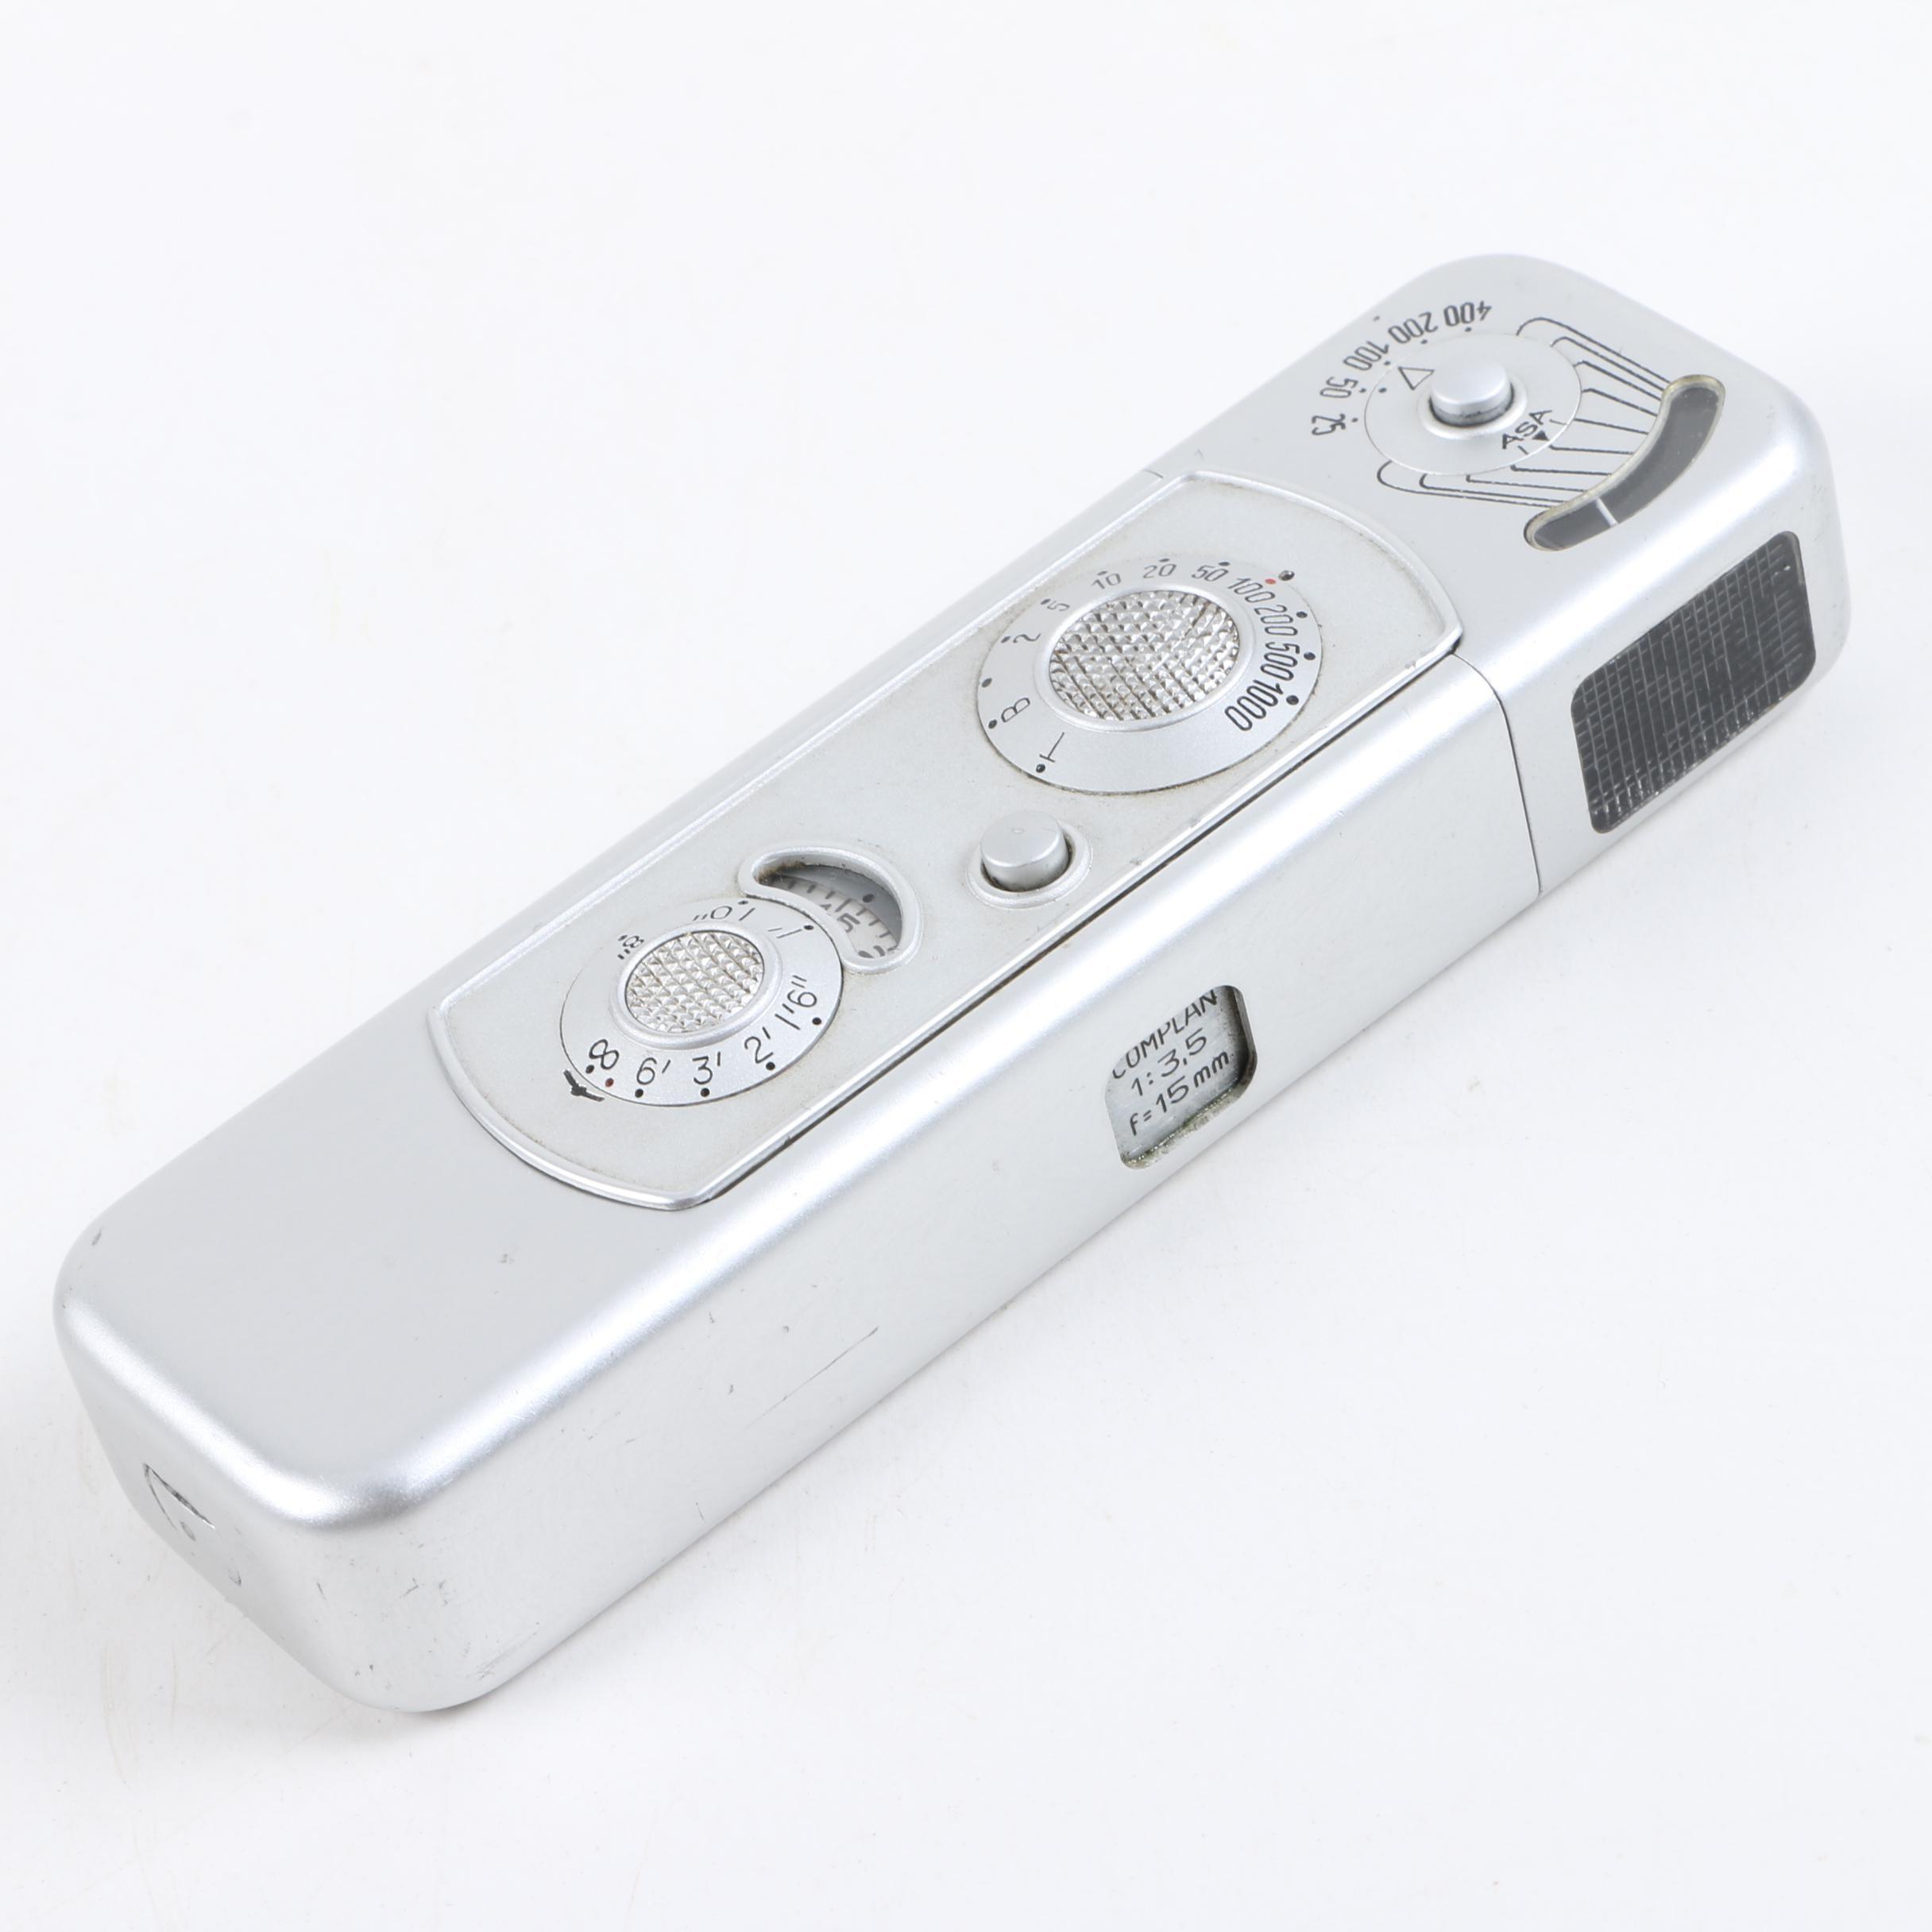 Minox B Complan Subminiature Spy Camera